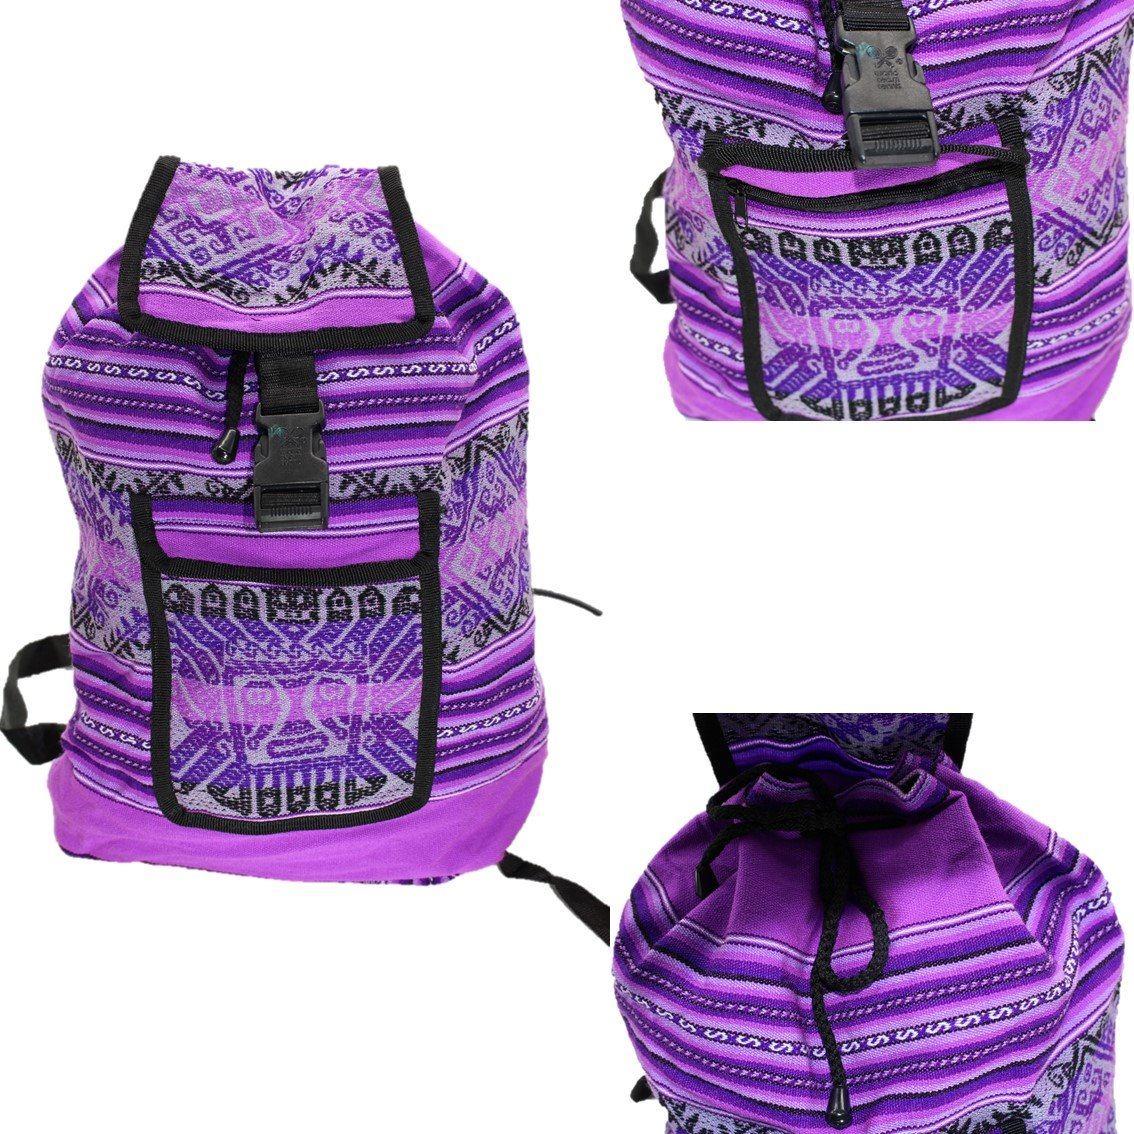 258ef2c74 bolsa mochila feminina importada tecido etnico peruana. Carregando zoom.